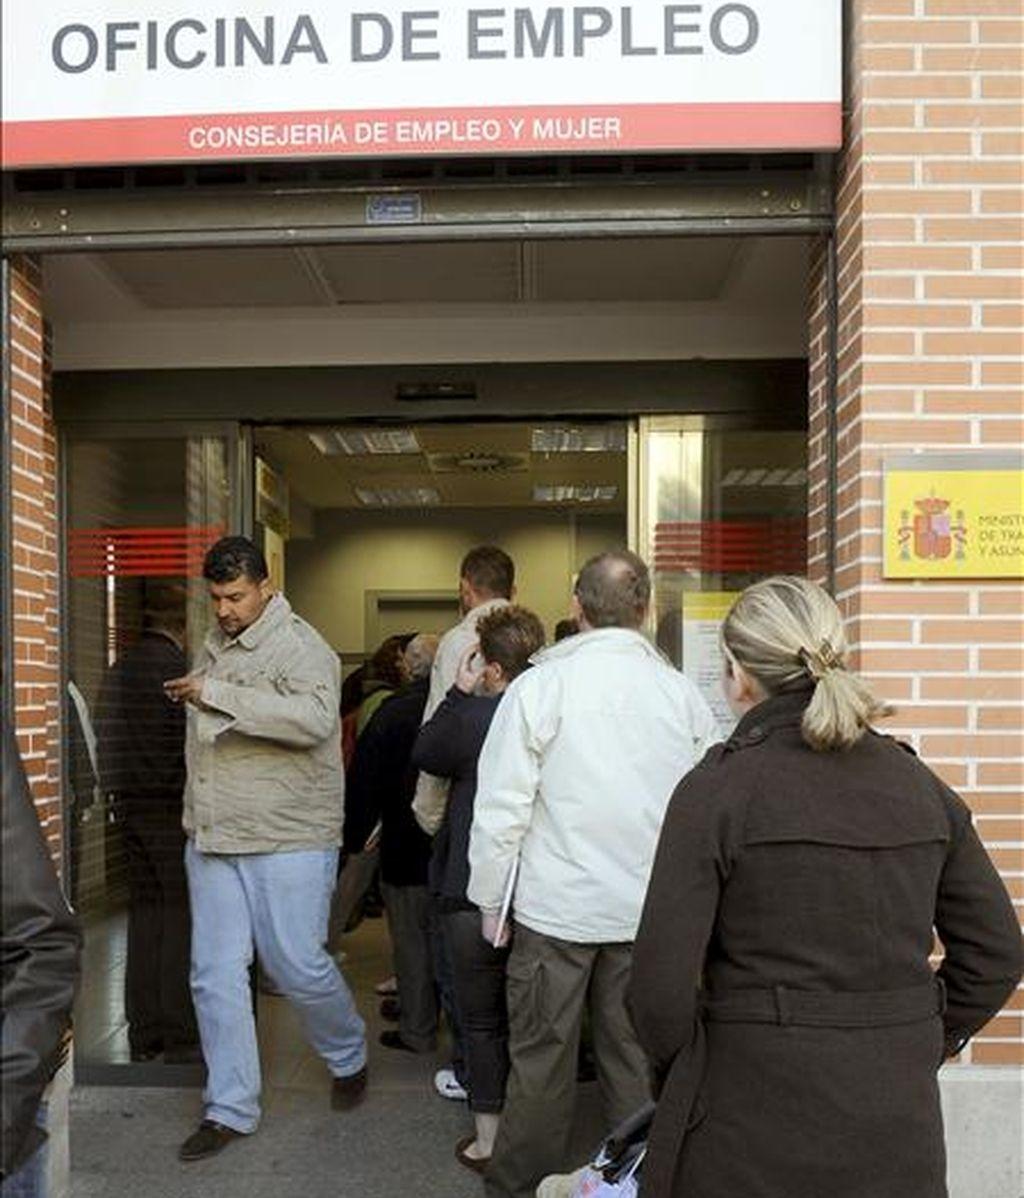 Desempleados hacen cola frente a una oficina de empleo hoy en Alcalá de Henares (Madrid). Las empresas deben valorar más la capacidad que la nacionalidad al contratar, según el 60% de los españoles. EFE